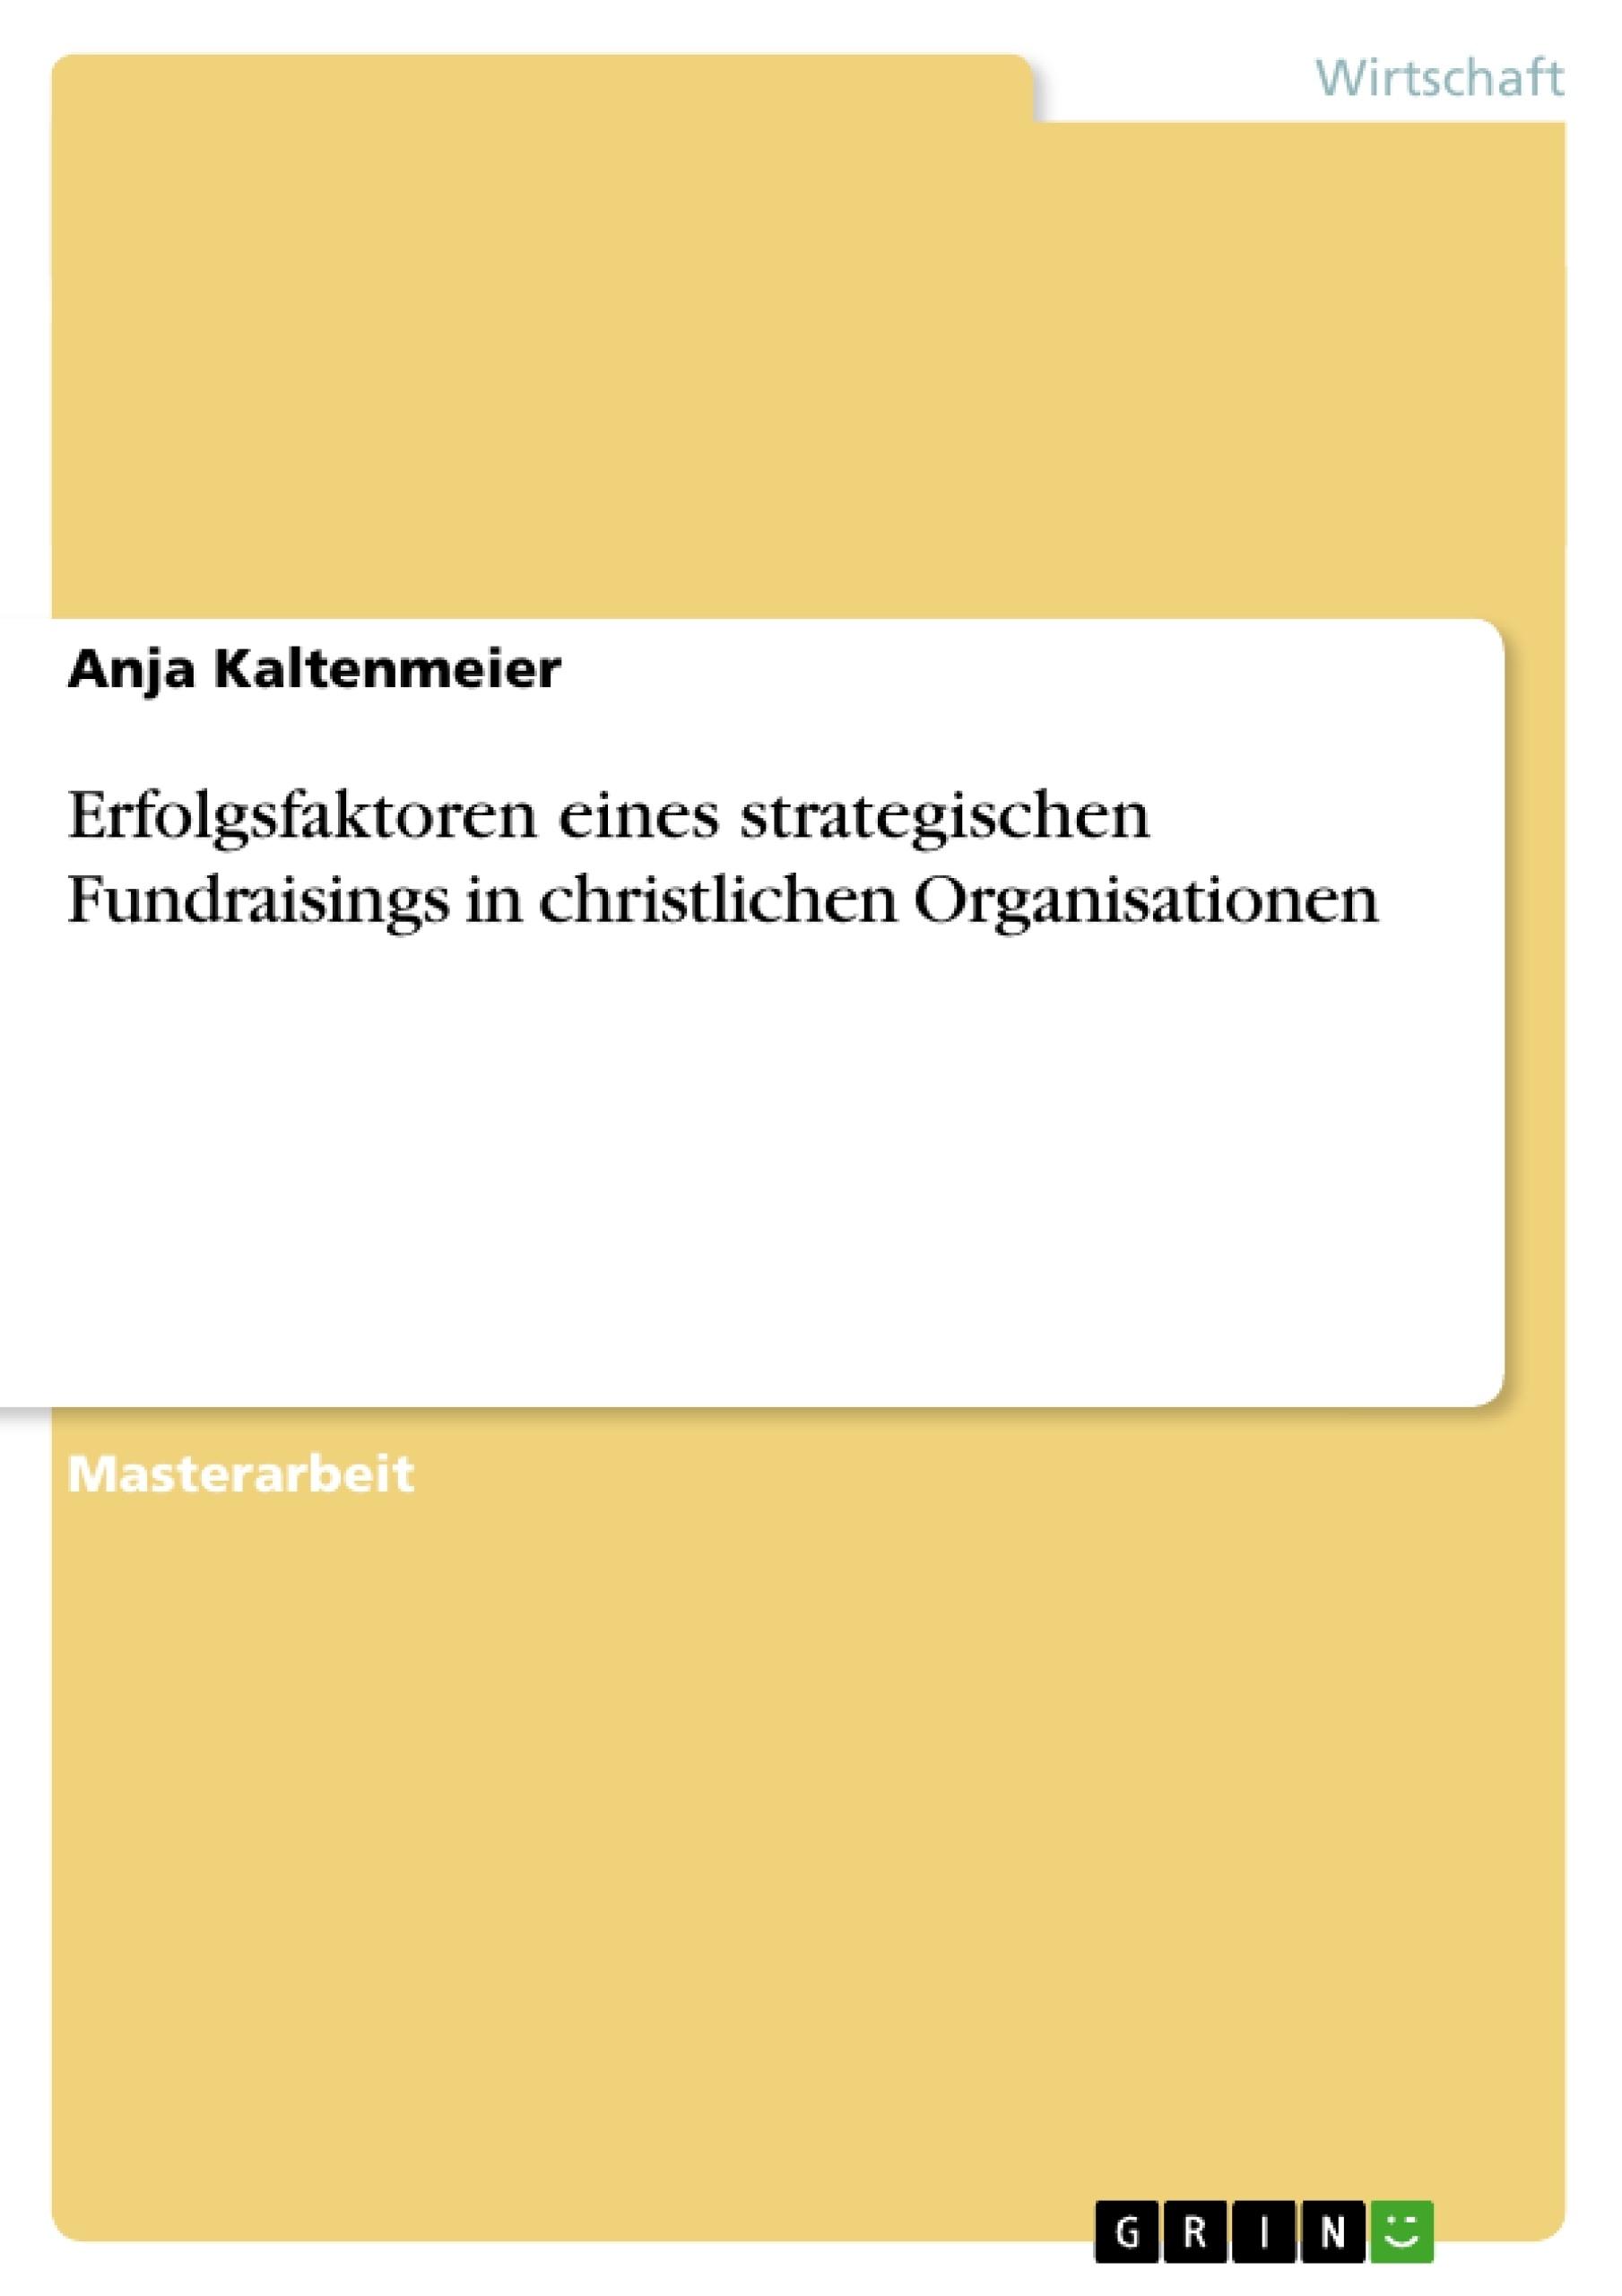 Titel: Erfolgsfaktoren eines strategischen Fundraisings in christlichen Organisationen